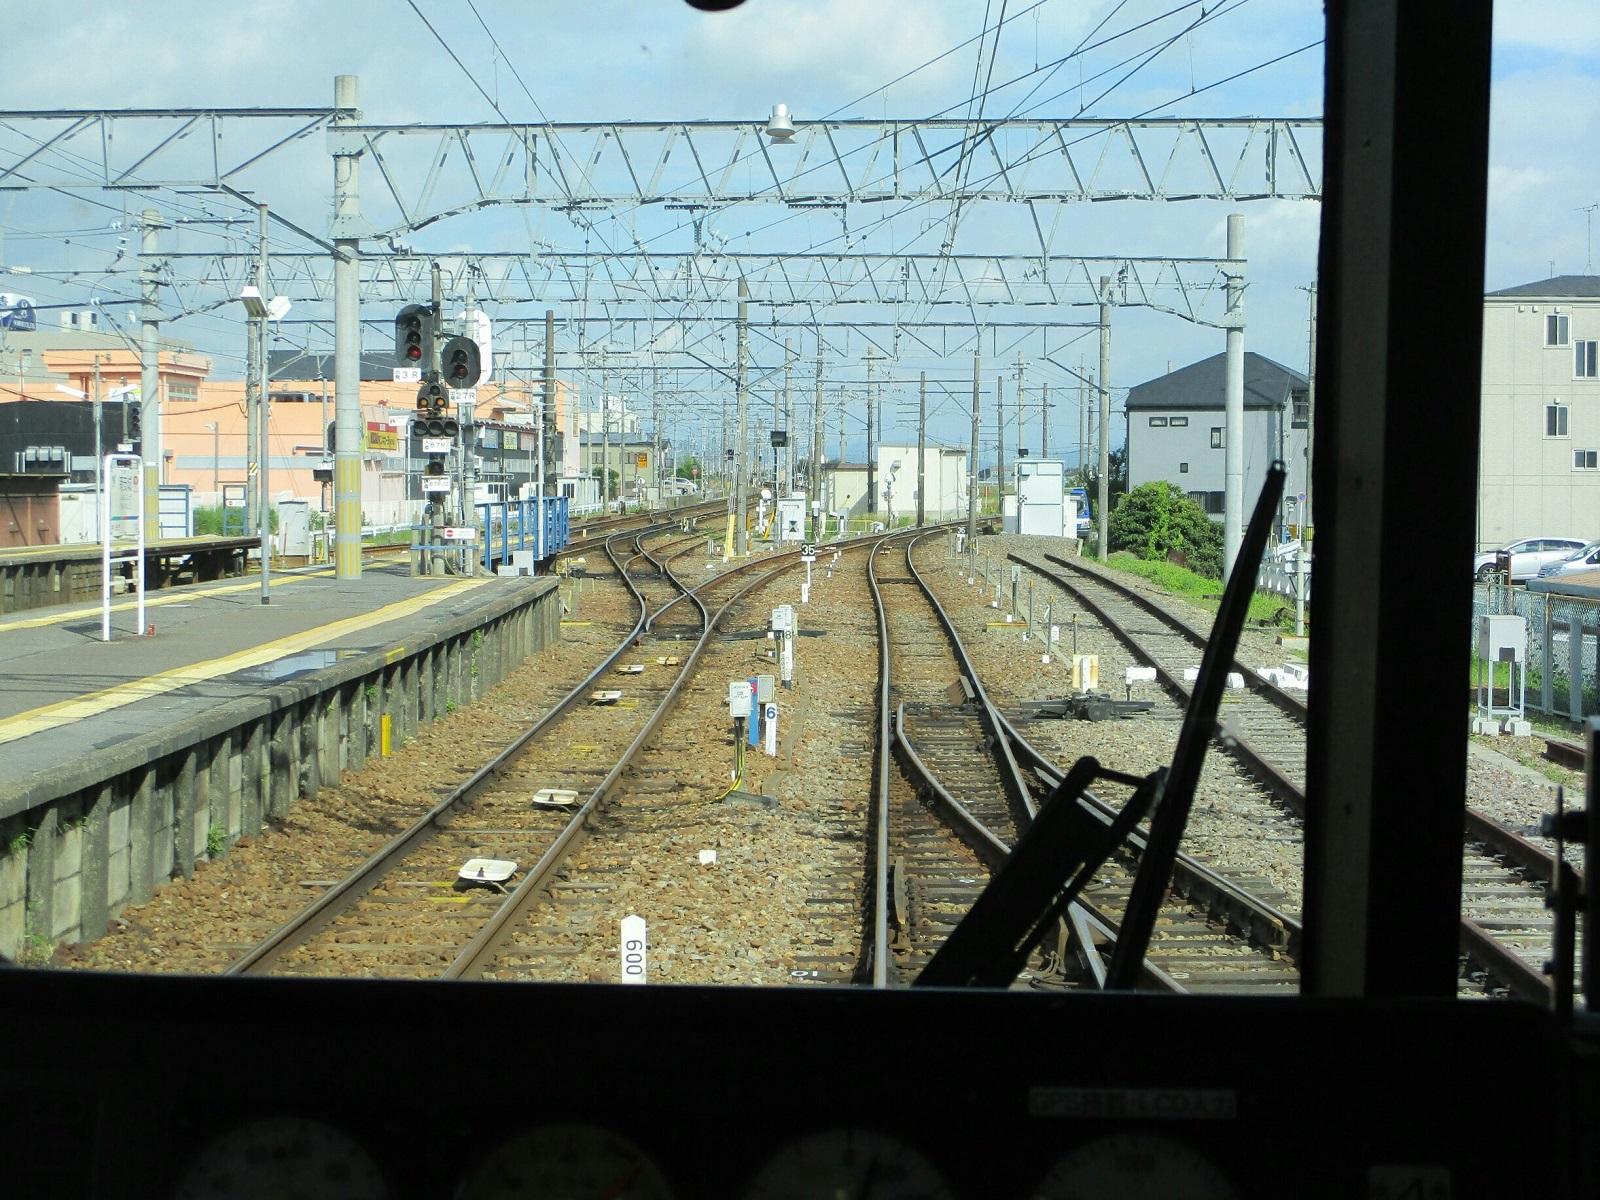 2018.6.18 (14) 吉良吉田いき急行 - しんあんじょう 1600-1200